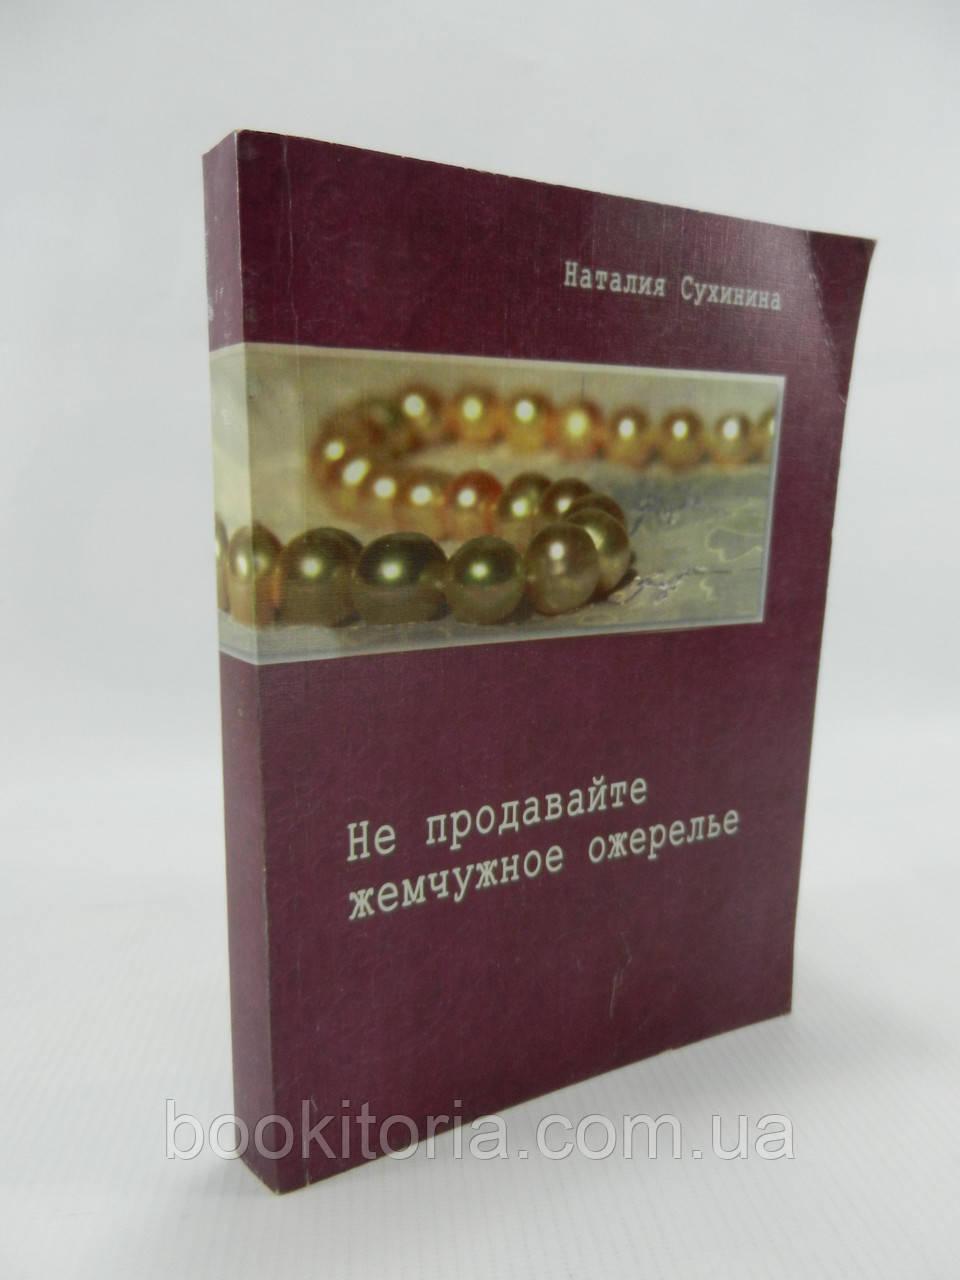 Сухинина Н. Не продавайте жемчужное ожерелье (б/у).